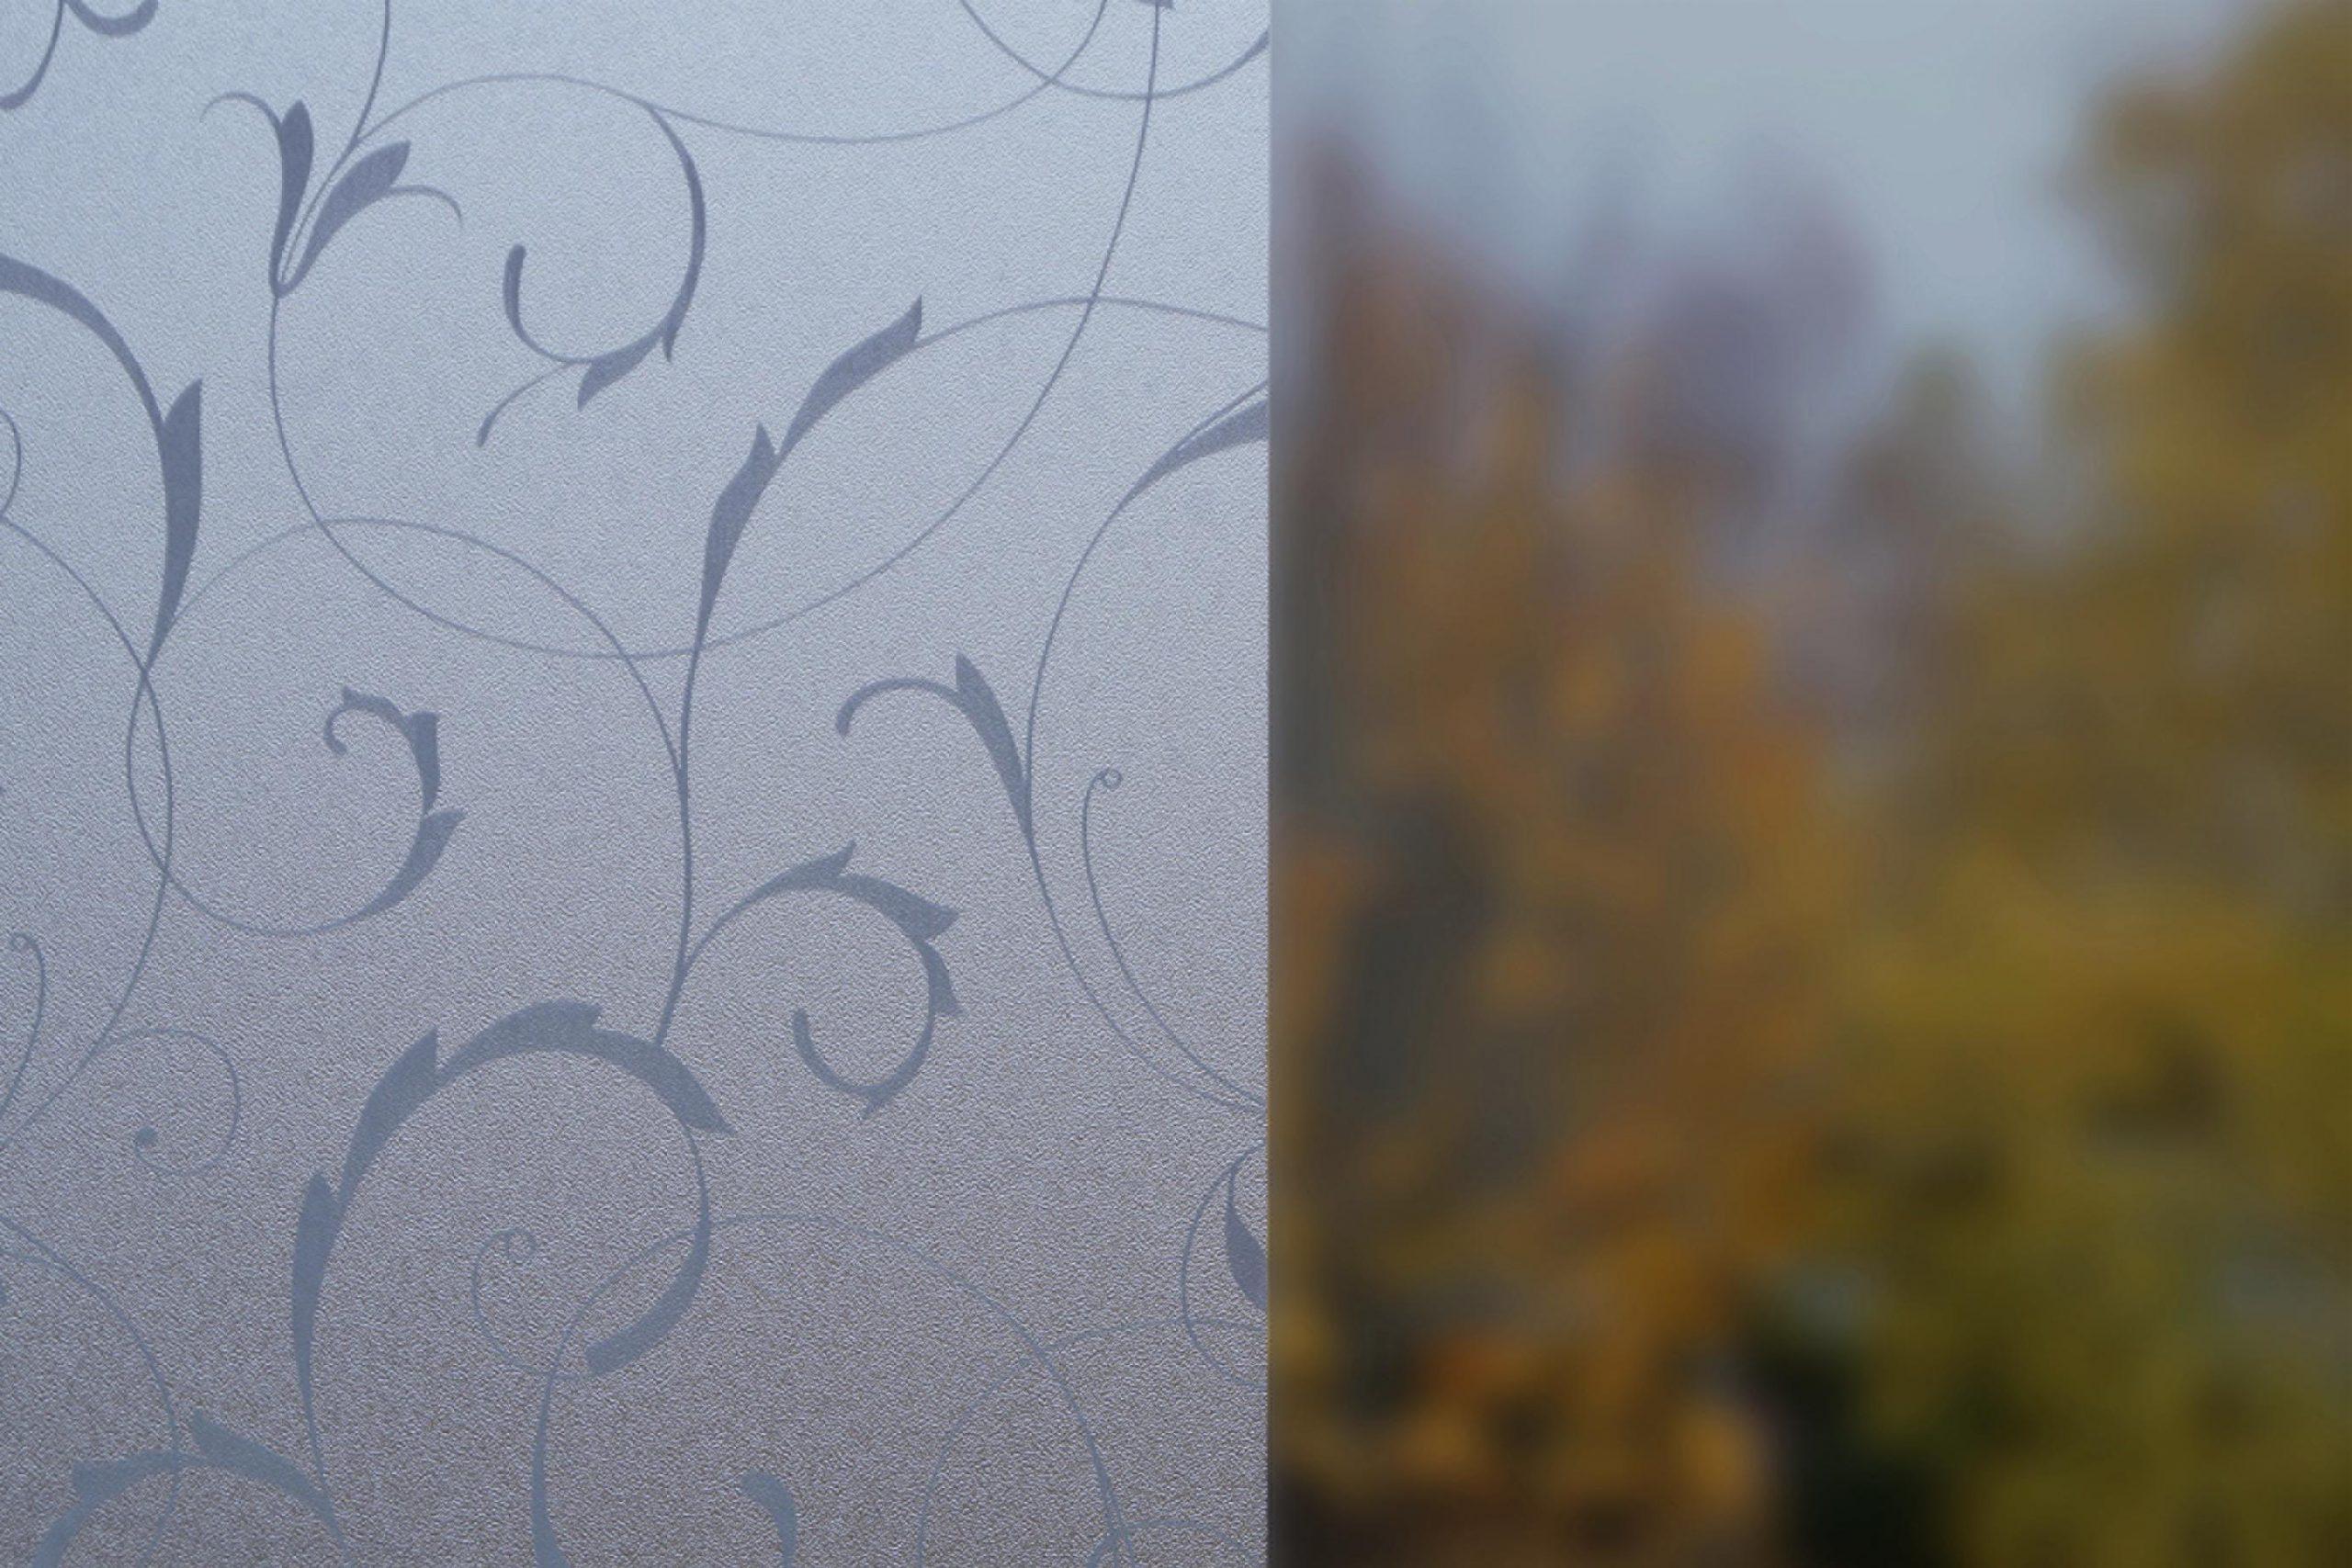 Full Size of Fenster Standardmaße Dreifachverglasung Einbruchschutz Nachrüsten Fliegengitter Für Schallschutz Sichern Gegen Einbruch Roro Mit Sprossen Austauschen Fenster Sichtschutzfolie Fenster Einseitig Durchsichtig